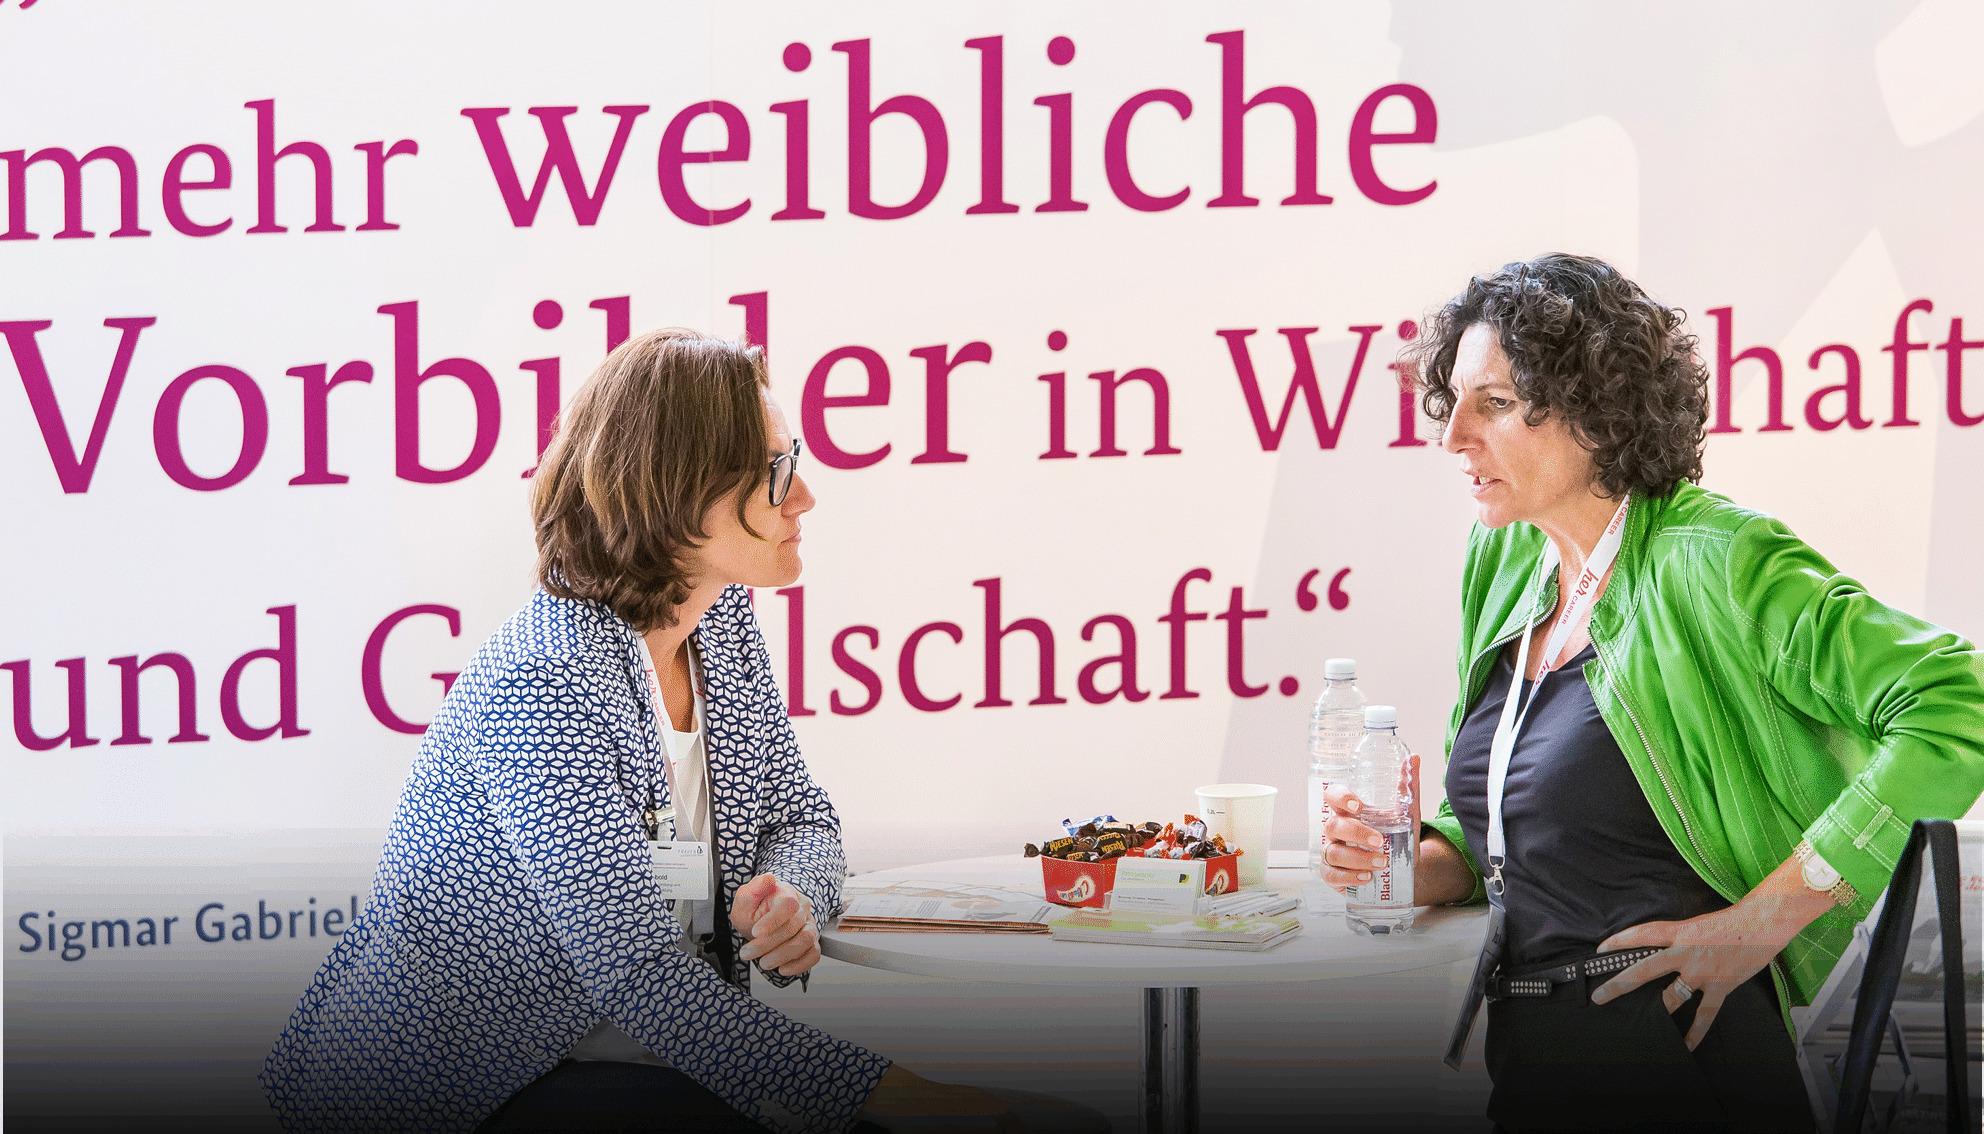 Artikel Edition F Award - 25 Frauen, die unsere Gesellschaft verändern